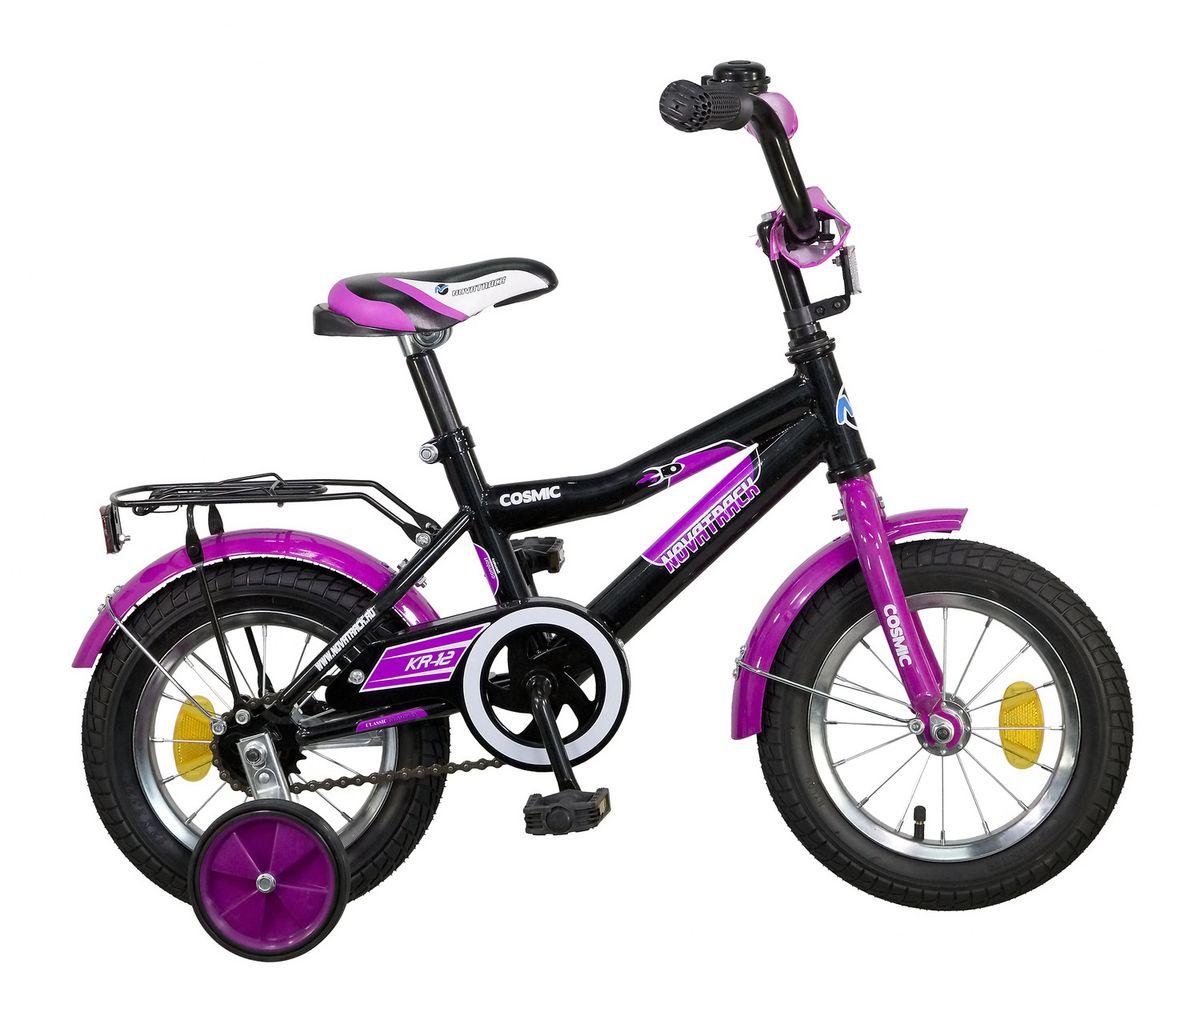 Велосипед детский Novatrack Cosmic 12, цвет: черныйВН16093Велосипед Novatrack Cosmic 12'' – это абсолютно необходимая вещь для детей 2-4 лет. В этом возрасте у ребят очень большой уровень энергии, которую необходимо выплескивать с пользой для организма, да и кто же по доброй воле откажется от велосипеда, тем более такого, как Cosmic! Велосипед полностью укомплектован и обязательно понравится маленькому велосипедисту. Рама у велосипеда – стальная и очень прочная. Сиденье и руль регулируются по высоте и надежно фиксируются. Ножной задний тормоз не подведет ни на спуске, ни при экстренном торможении. В целях безопасности велосипед оснащен ограничителем руля, который убережет велосипед от опрокидывания при резком повороте. Дополнительную устойчивость железному «коню» обеспечивают два маленьких съемных колеса в цвет велосипеда. Не останутся незамеченными накладка на руль, яркие отражатели-катафоты, стильный звонок, защитный кожух для цепи, хромированный багажник, а также крылья, которые защитят от грязи и брызг.